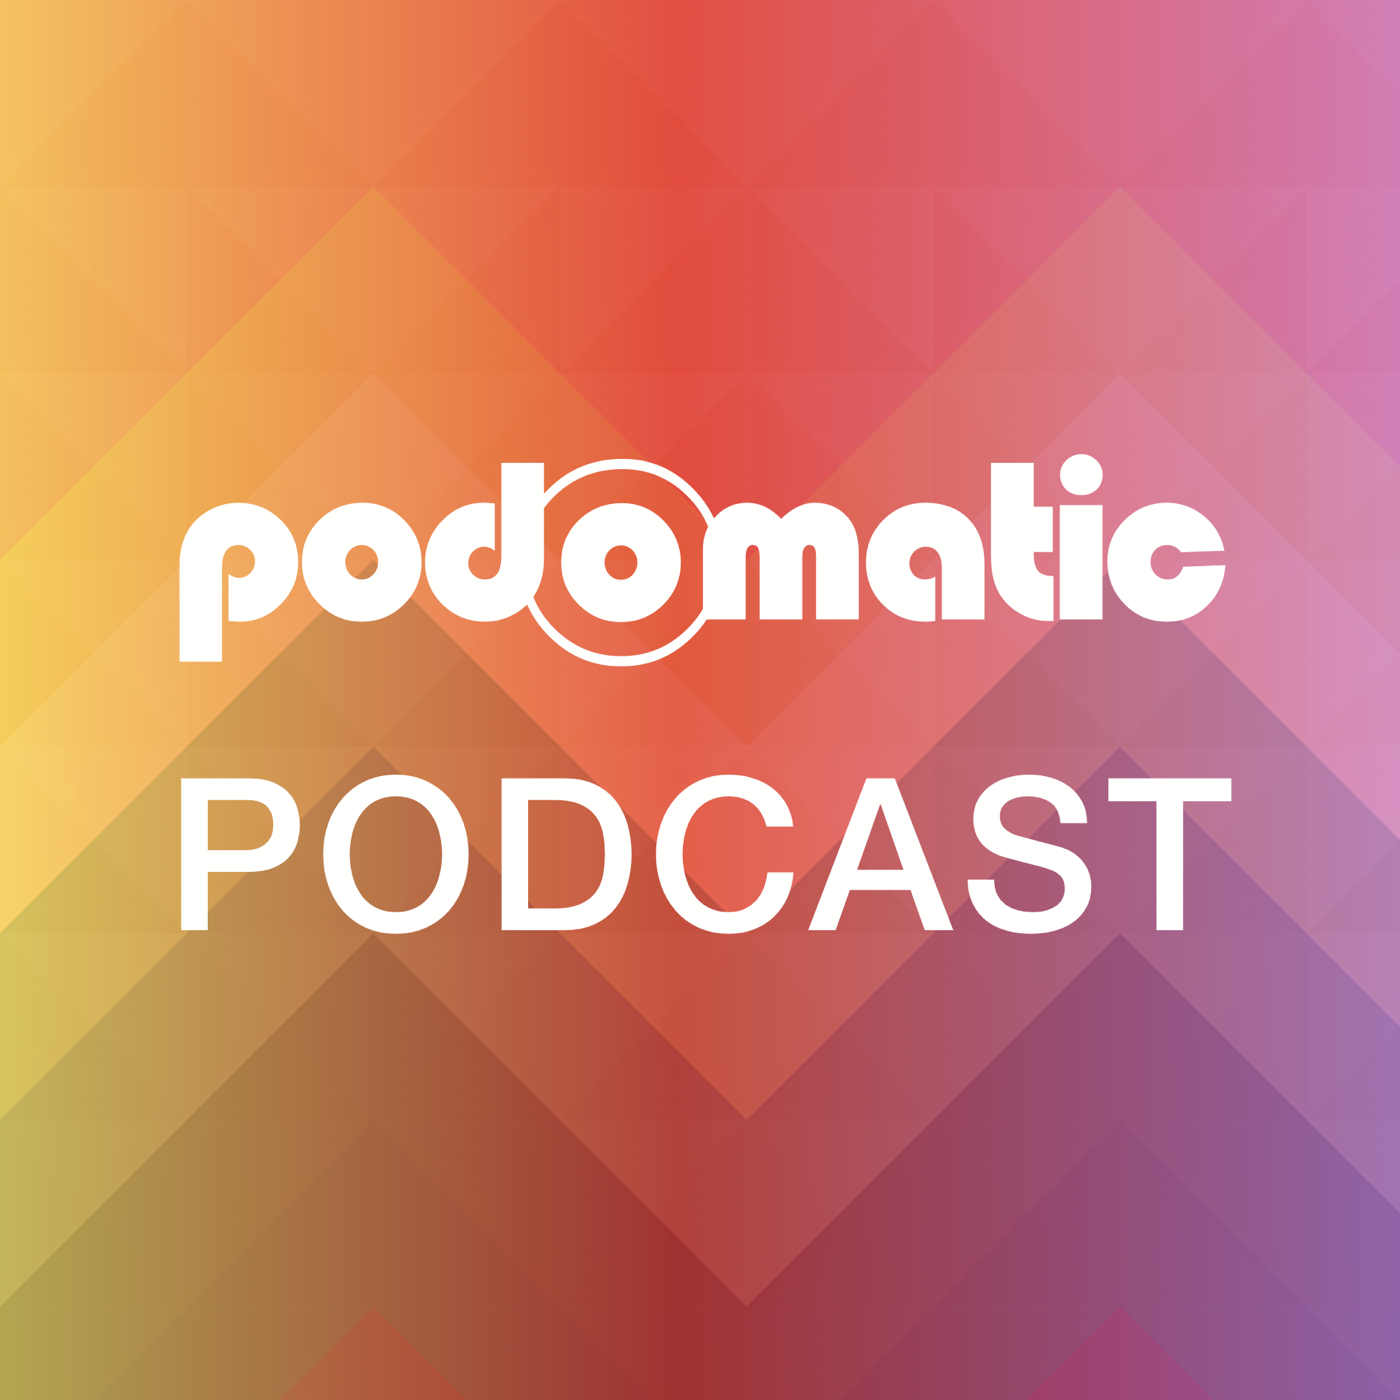 prenuptialagreement's Podcast